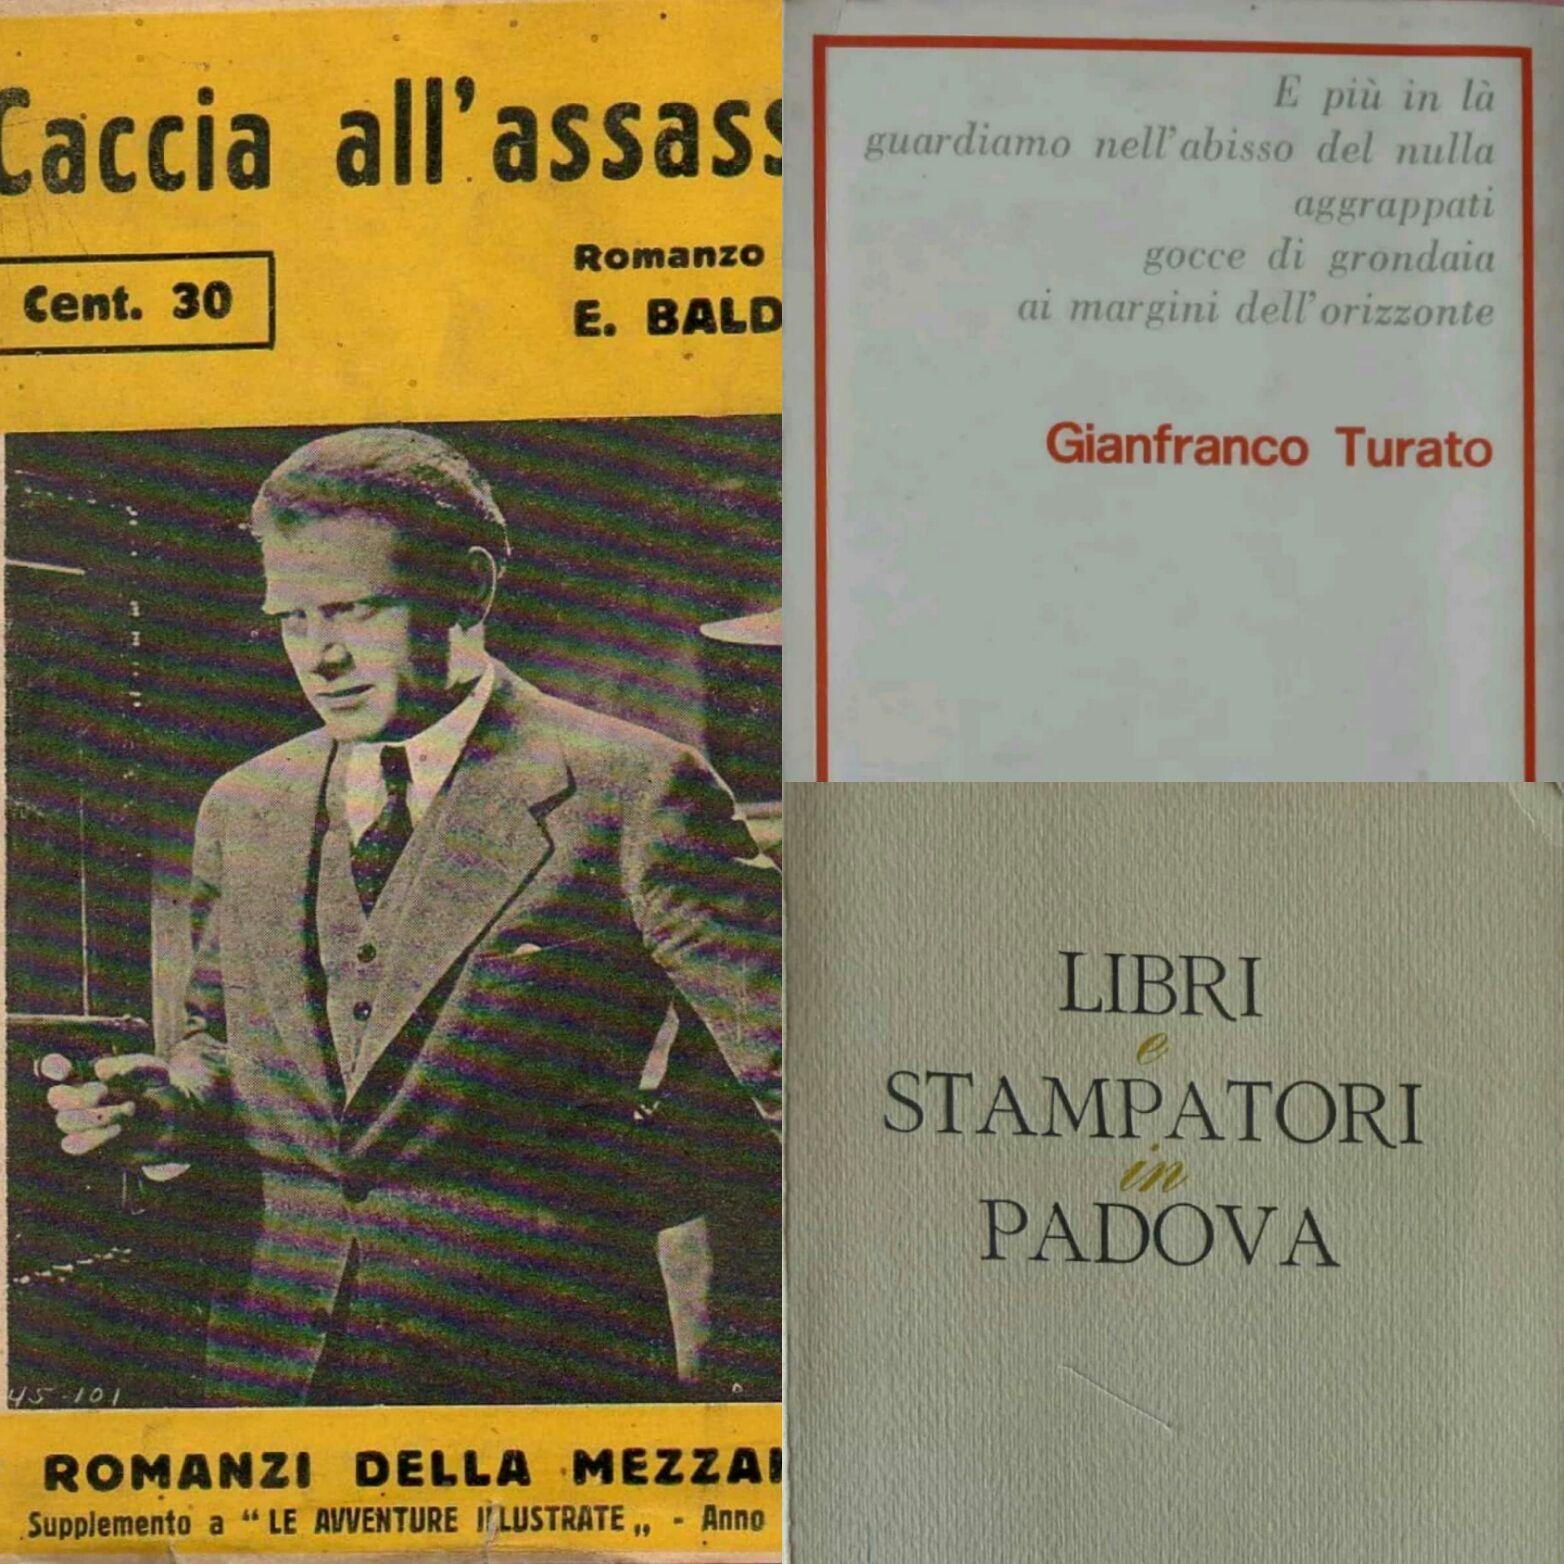 …su eBay ci sono 3 interessanti libri stampati a Padova sconosciuti (o quasi) all'OPAC